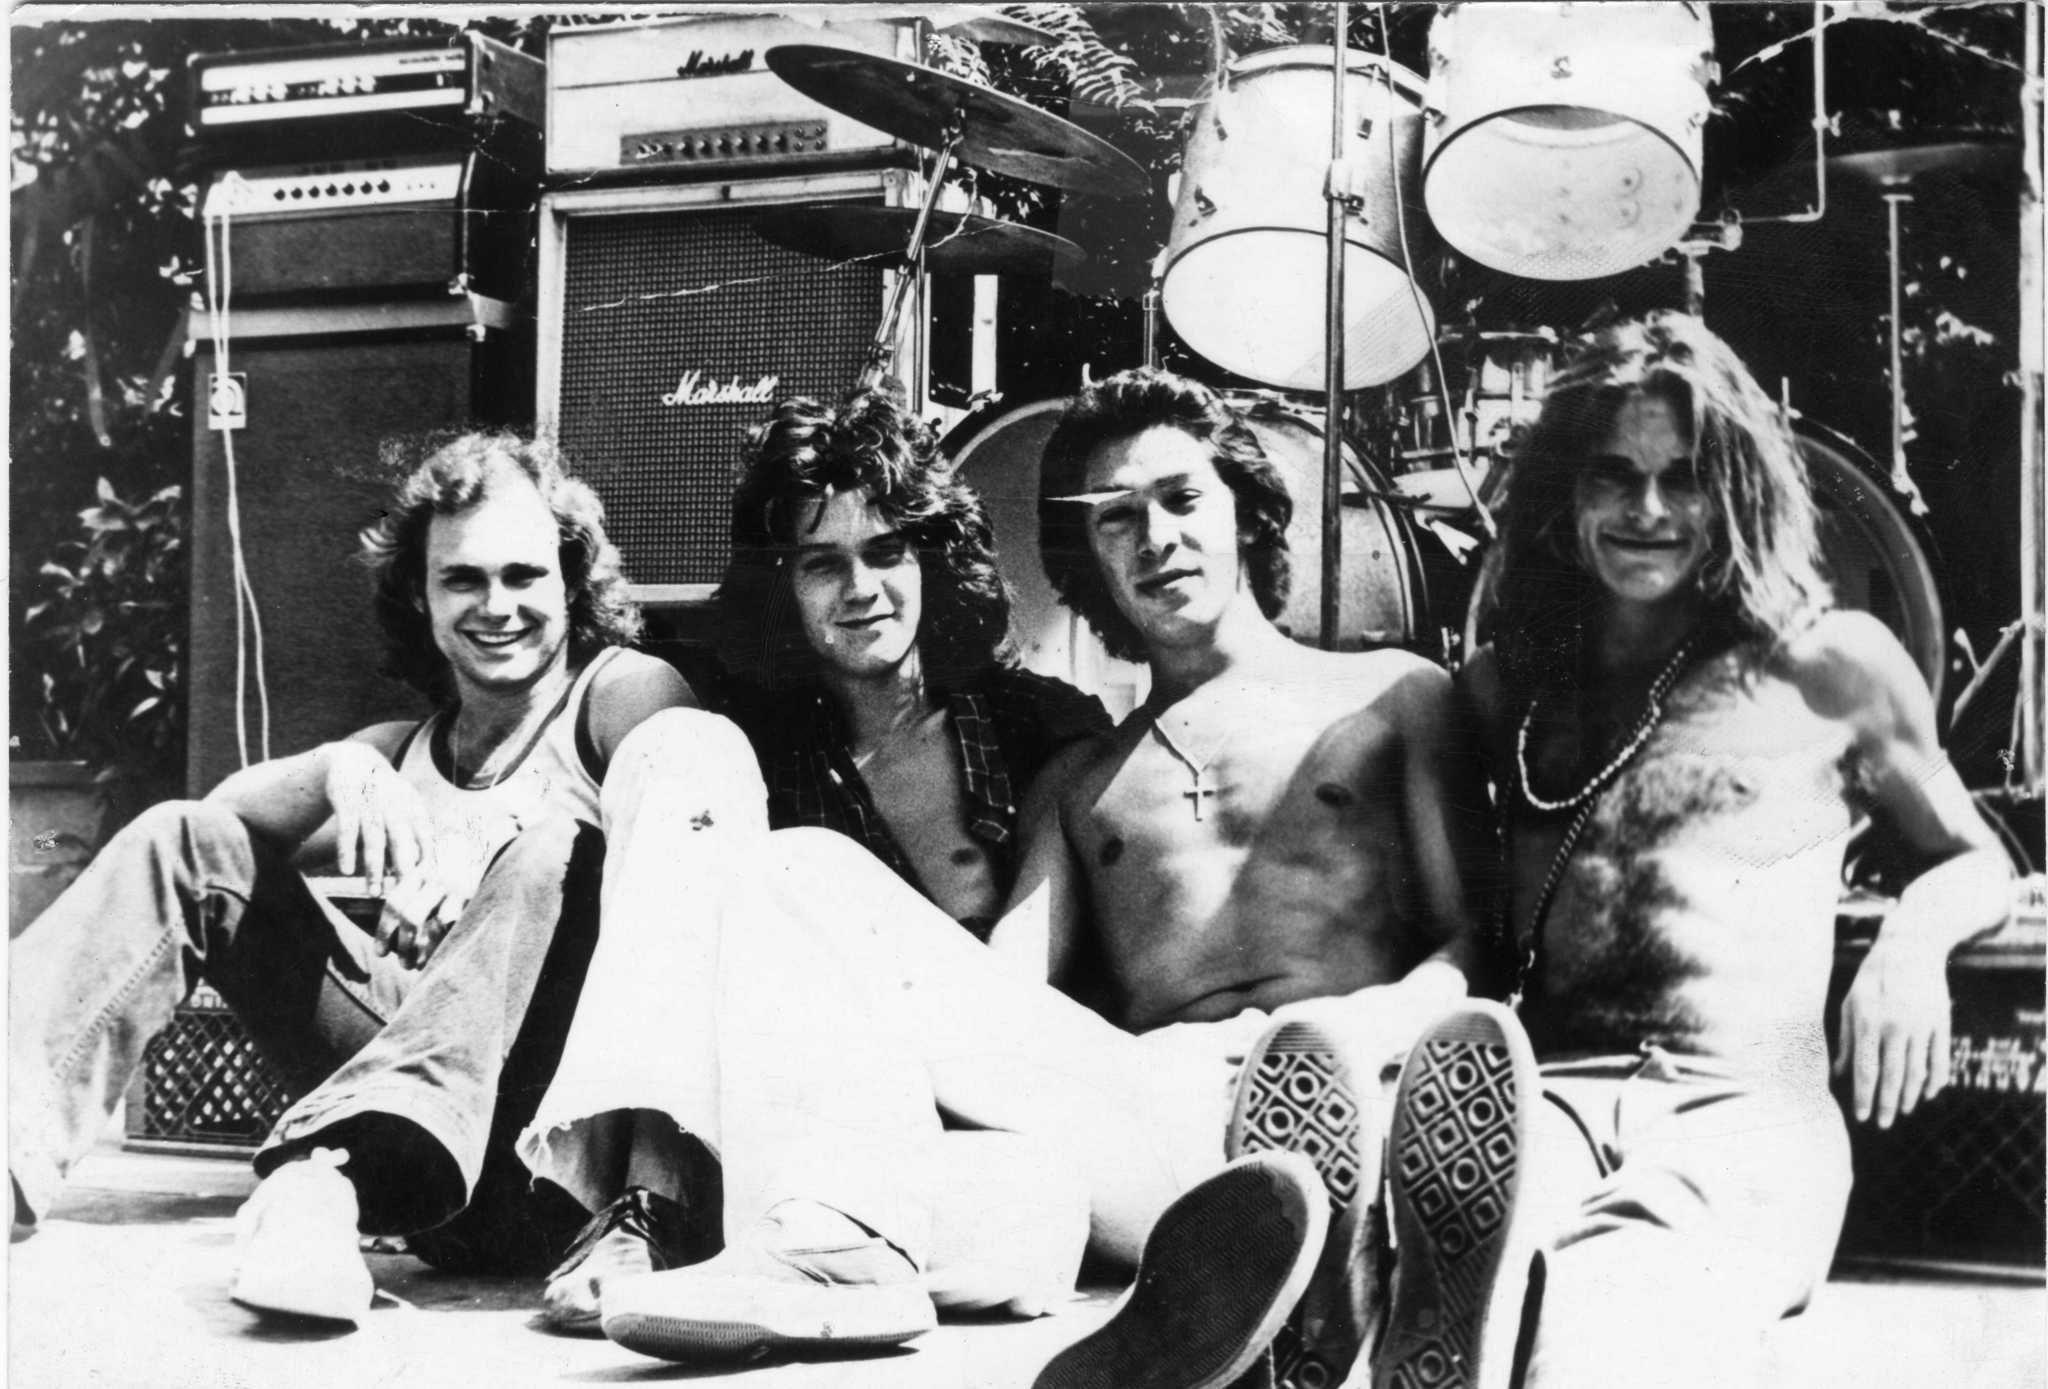 Vanhalen Via David Swantekjpg 662713be455358d8 Jpg Jpeg Grafik 2048 1389 Pixel Van Halen Eddie Van Halen Halen